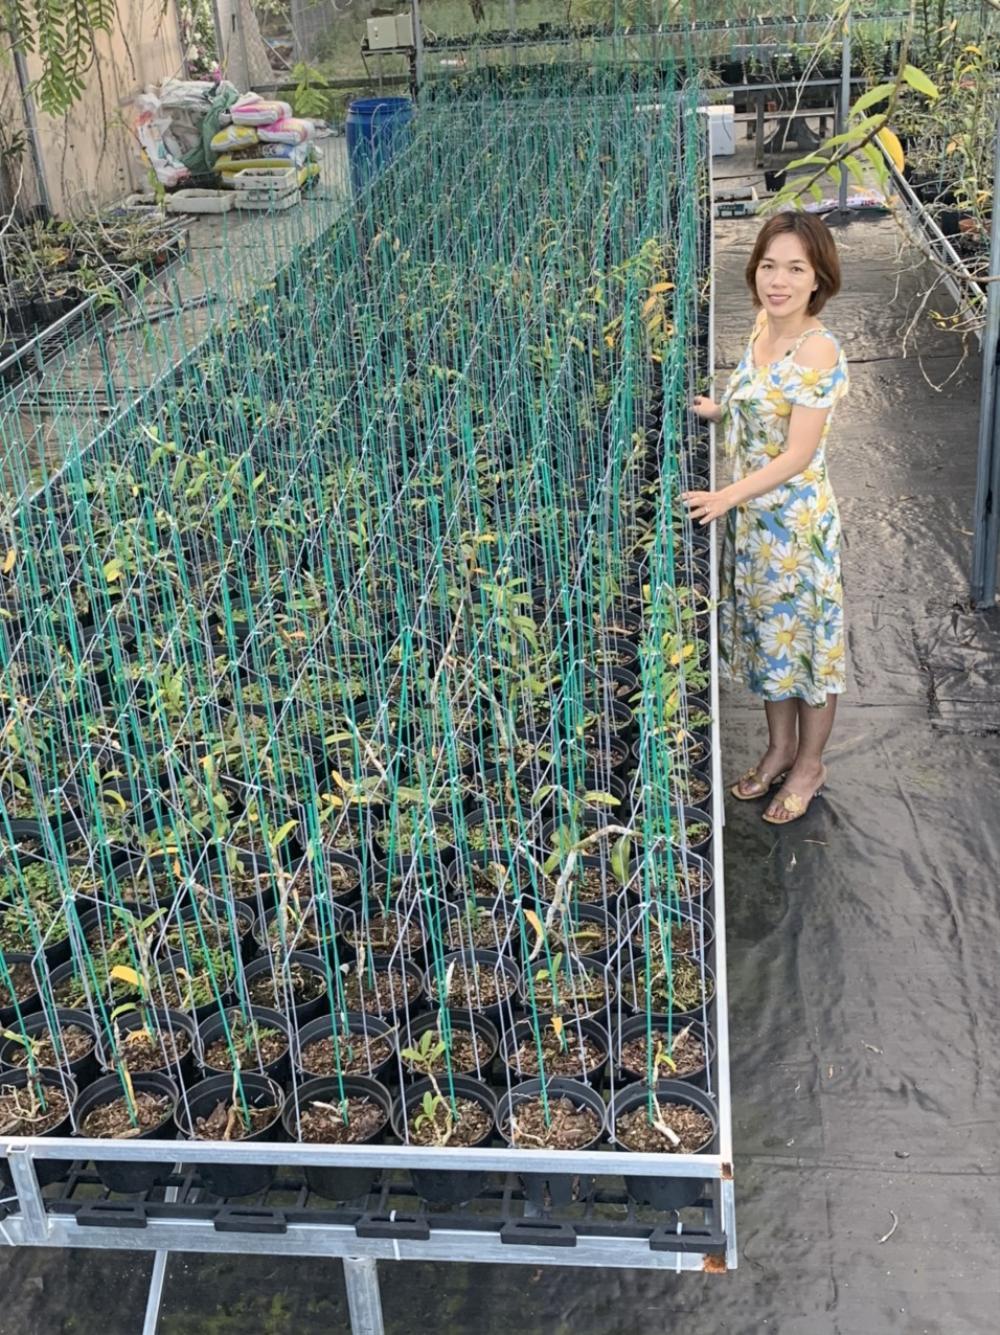 Bà chủ Vườn lan Thu Thanh: Cô gái đặc biệt trong giới chơi lan Ảnh 1